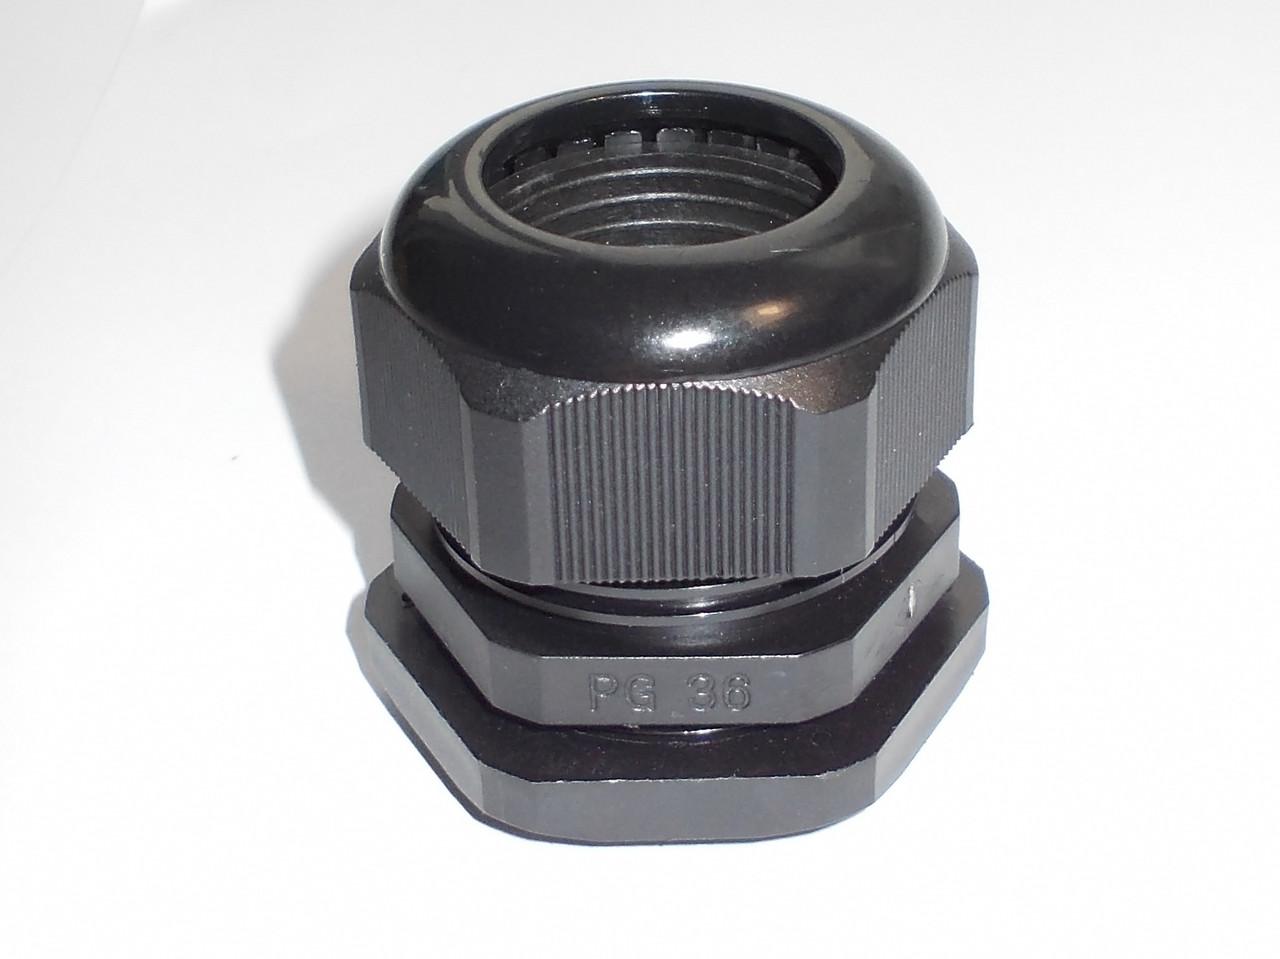 Кабельный ввод (гермоввод) PG-36